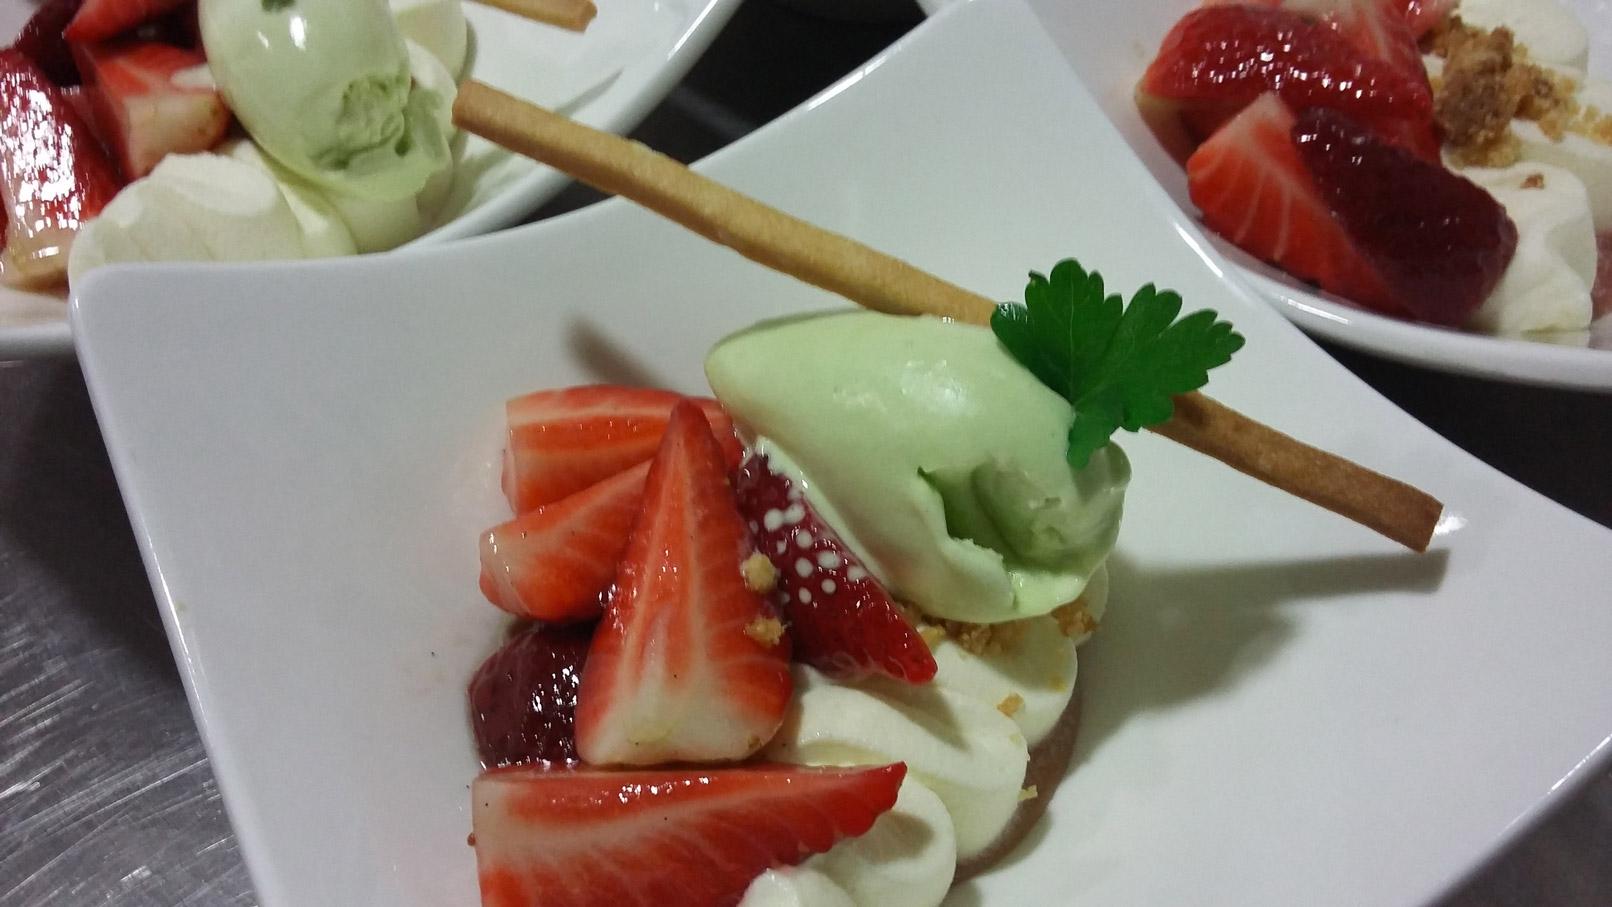 Fraises au sucre et crème glacée au persil plat - L'antre Gourmand